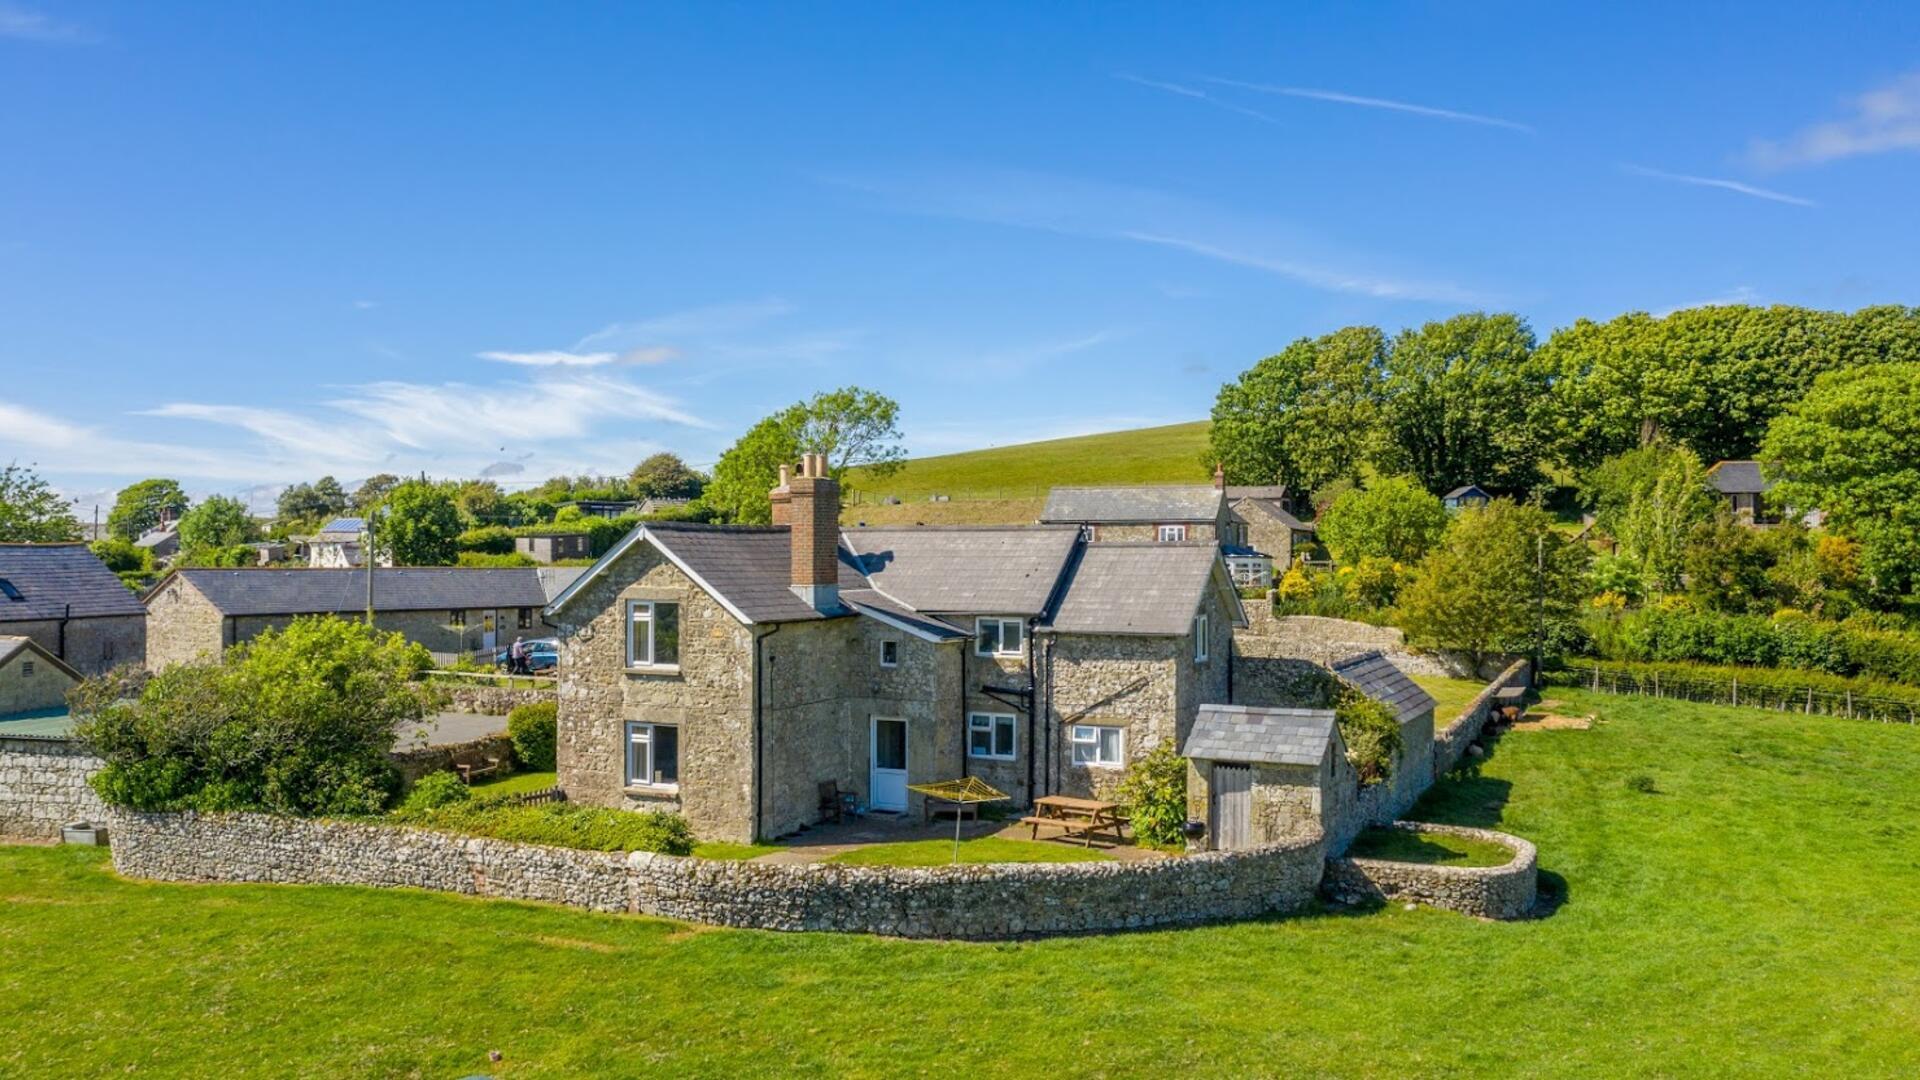 Nettlecombe Farm, family-friendly farmstead in Isle of Wight